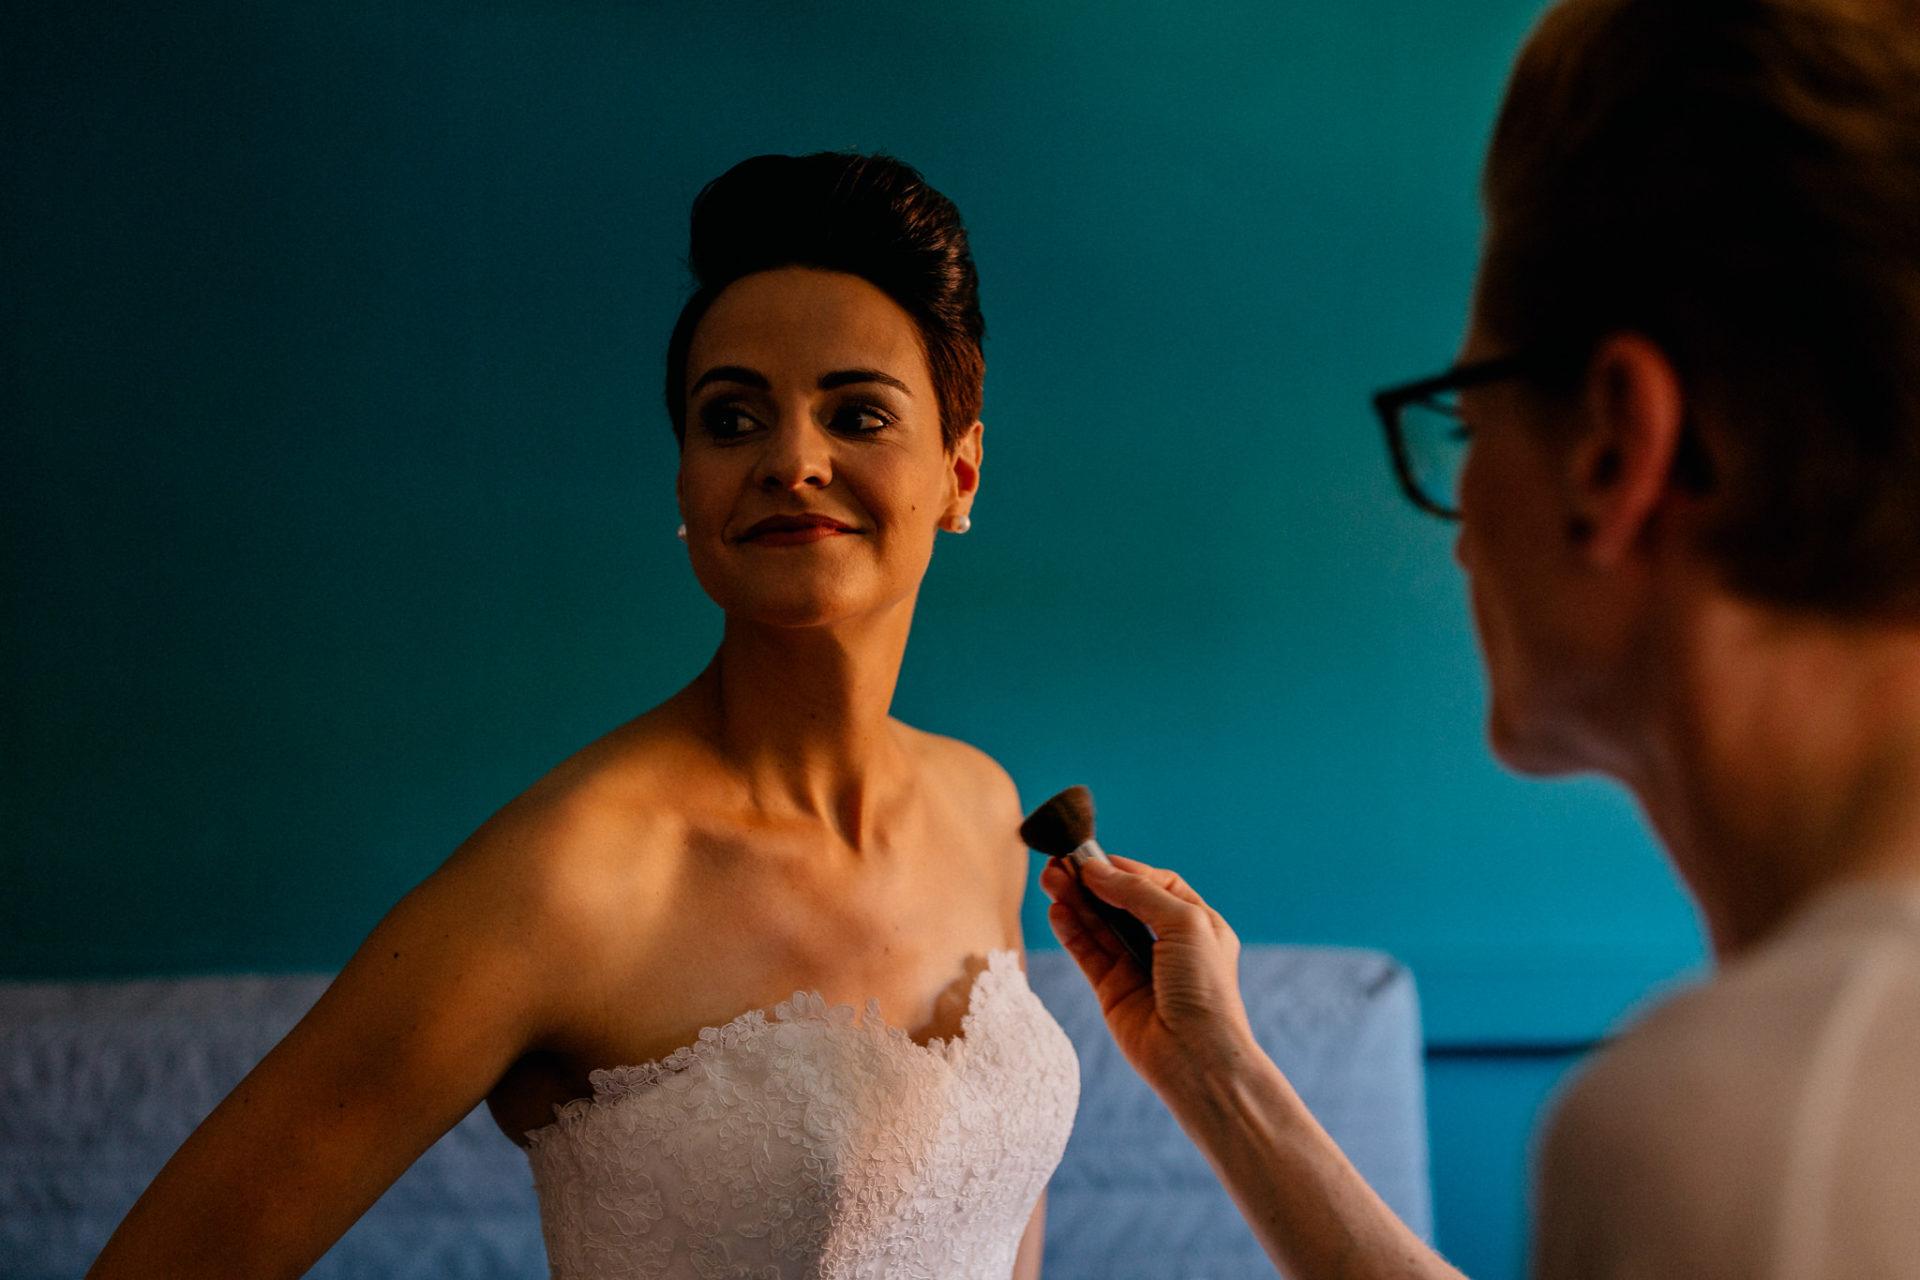 Weingut Fitz Ritter Hochzeitsfotograf-heiraten Pfalz-Sommerhochzeit Braut Getting Ready